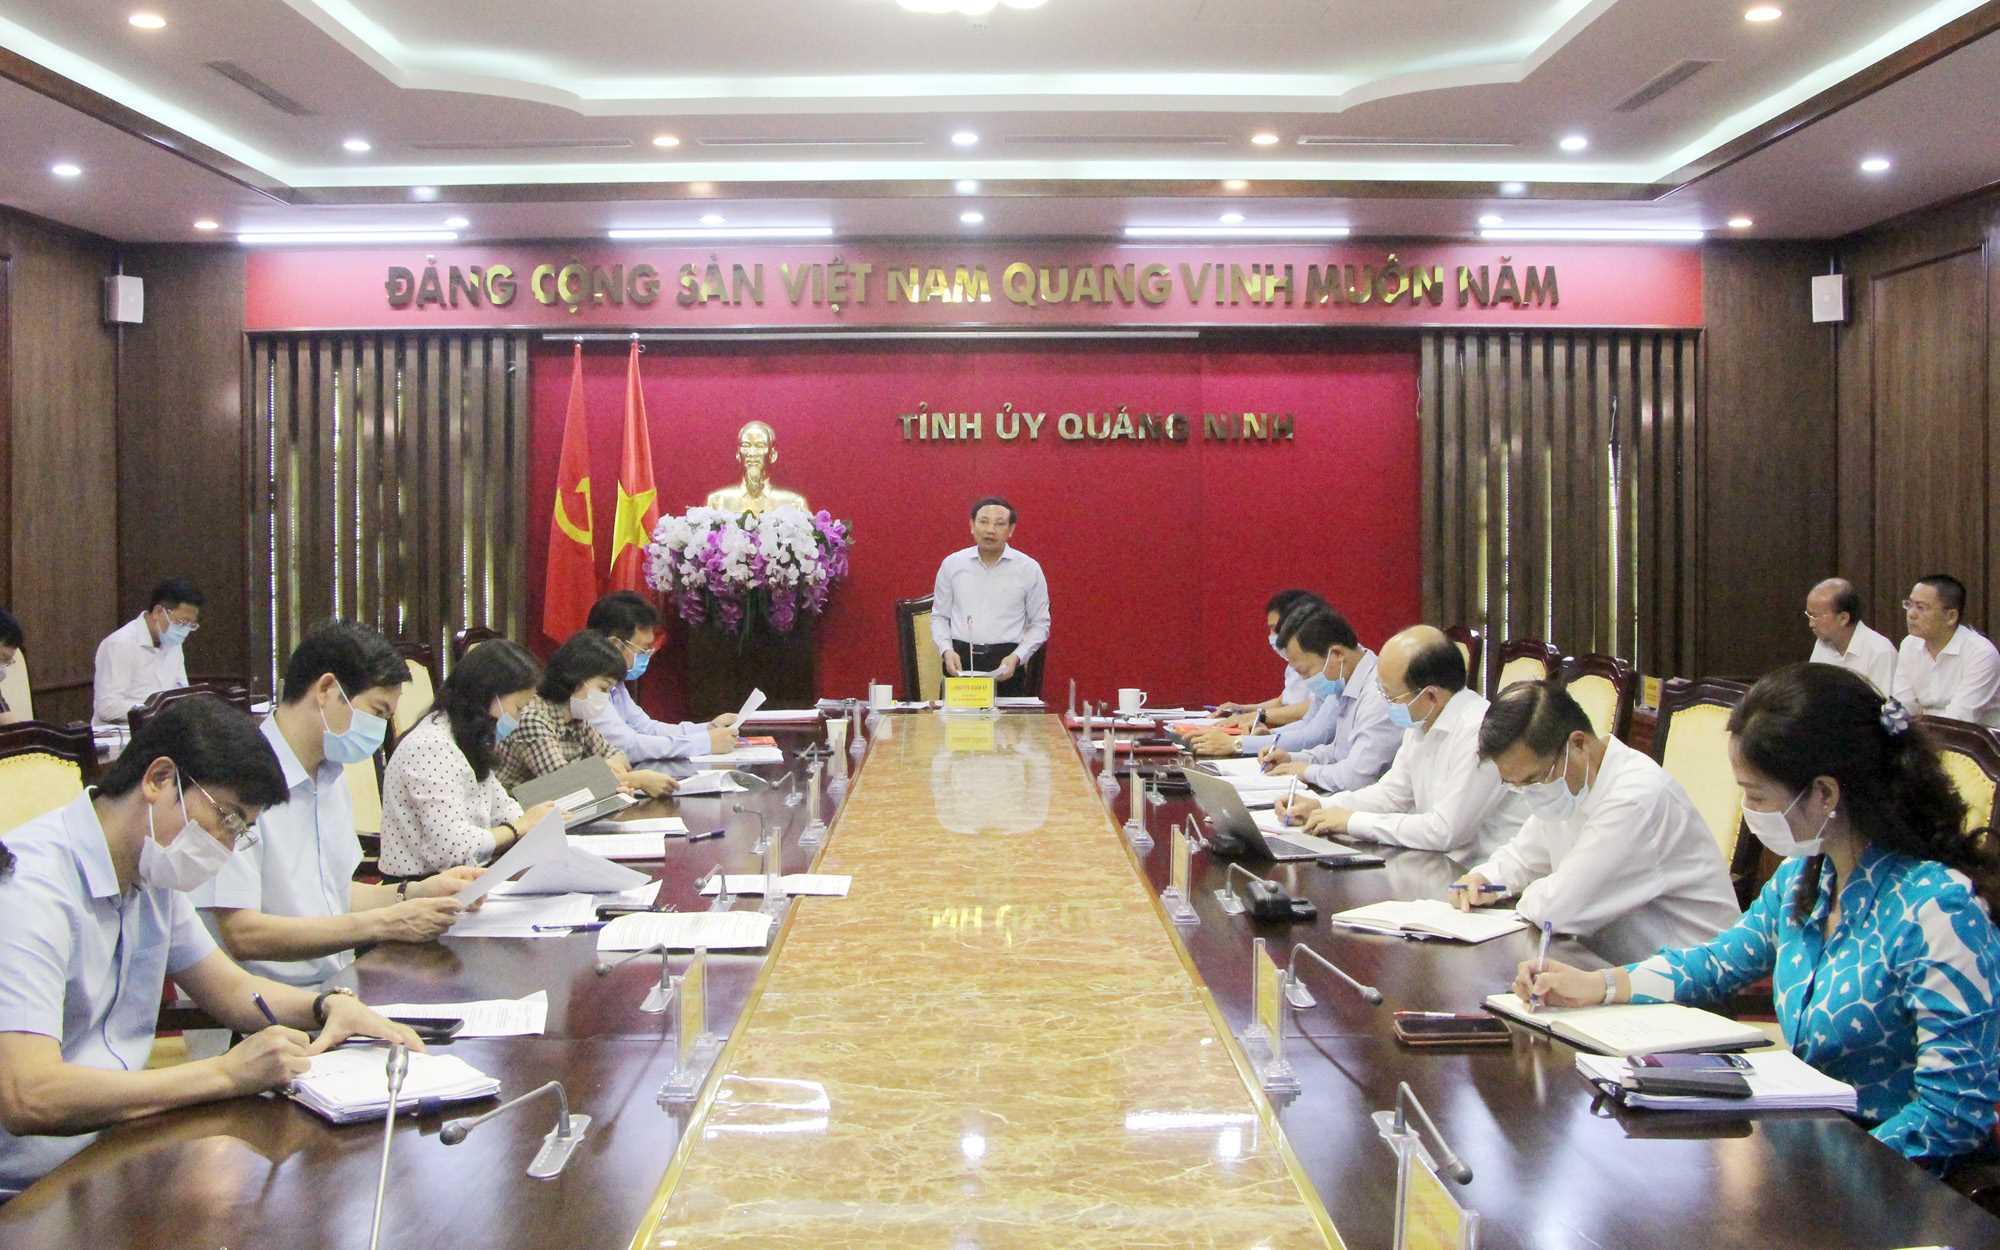 Đồng chí Nguyễn Xuân Ký, Bí thư Tỉnh ủy, Chủ tịch HĐND tỉnh, kết luận cuộc họp.